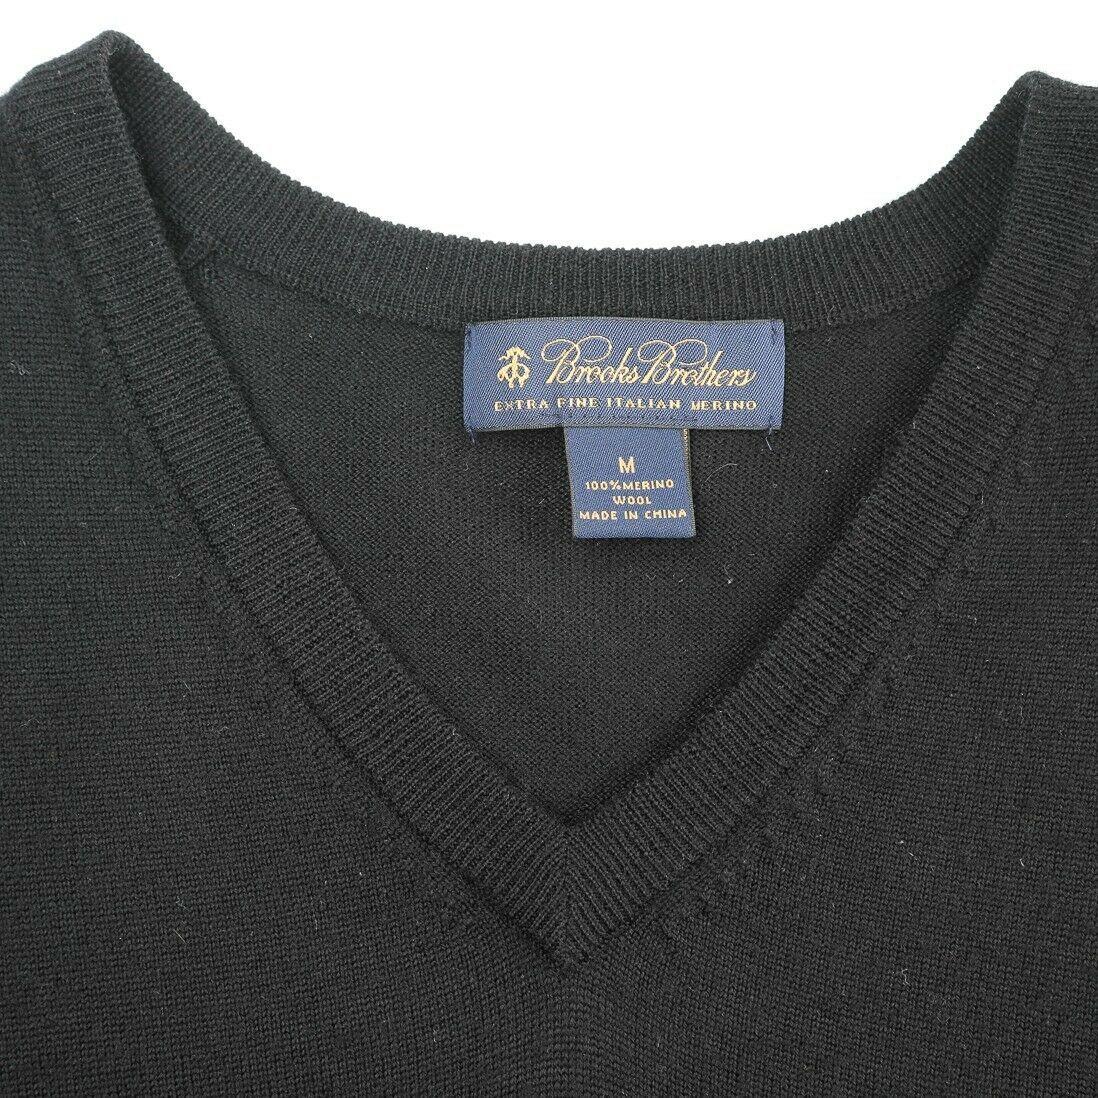 Brooks Brothers Extra Fine Merino Wool Solid Black Sweater Vest Mens Medium image 8